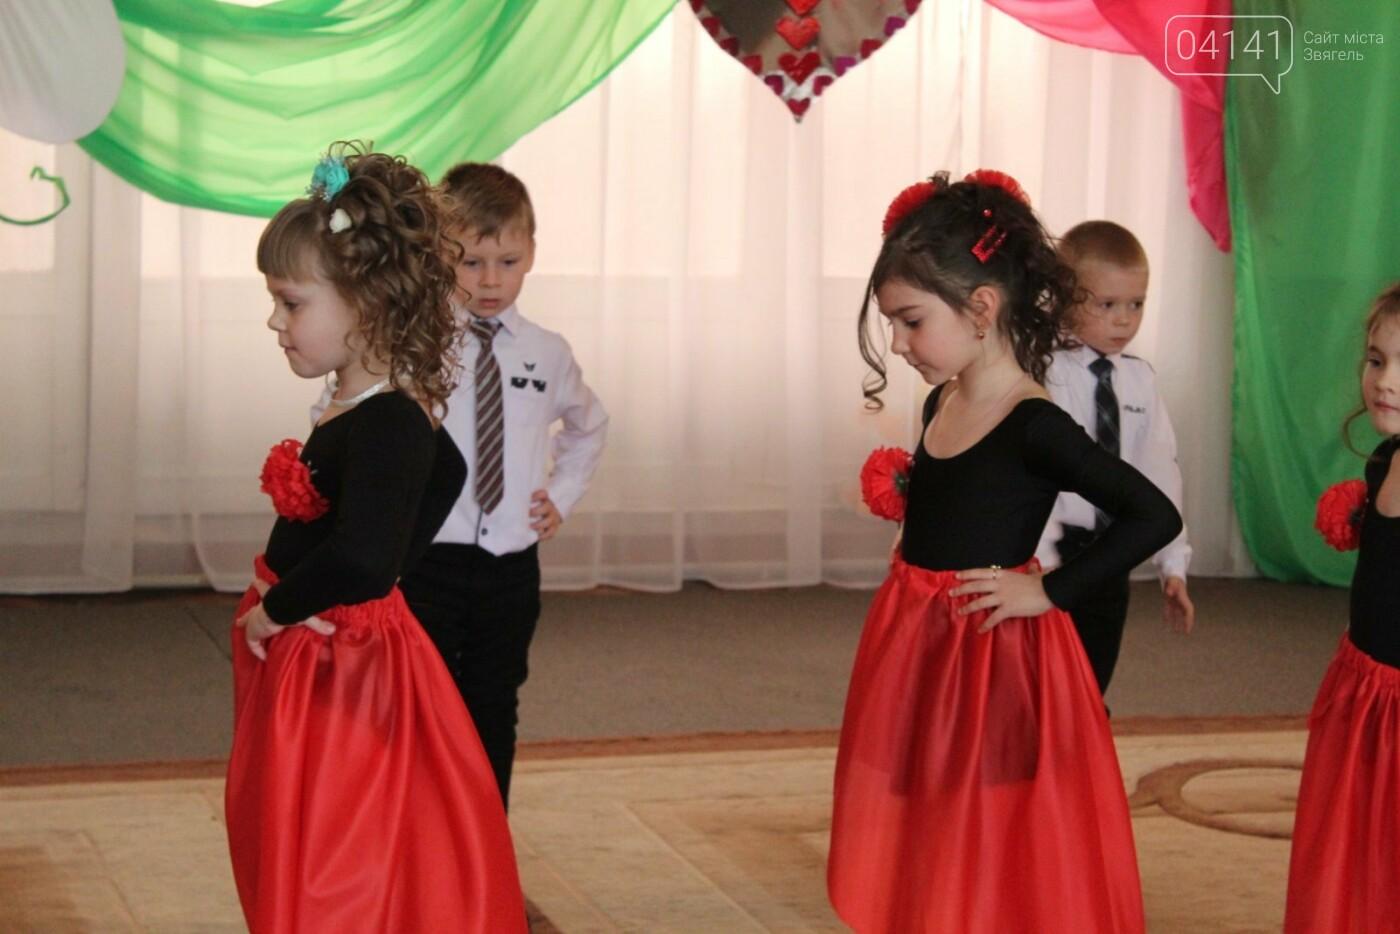 У Новограді-Волинському діти вітали своїх матусь з прийдешнім святом 8-го березня (ФОТО,ВІДЕО), фото-2